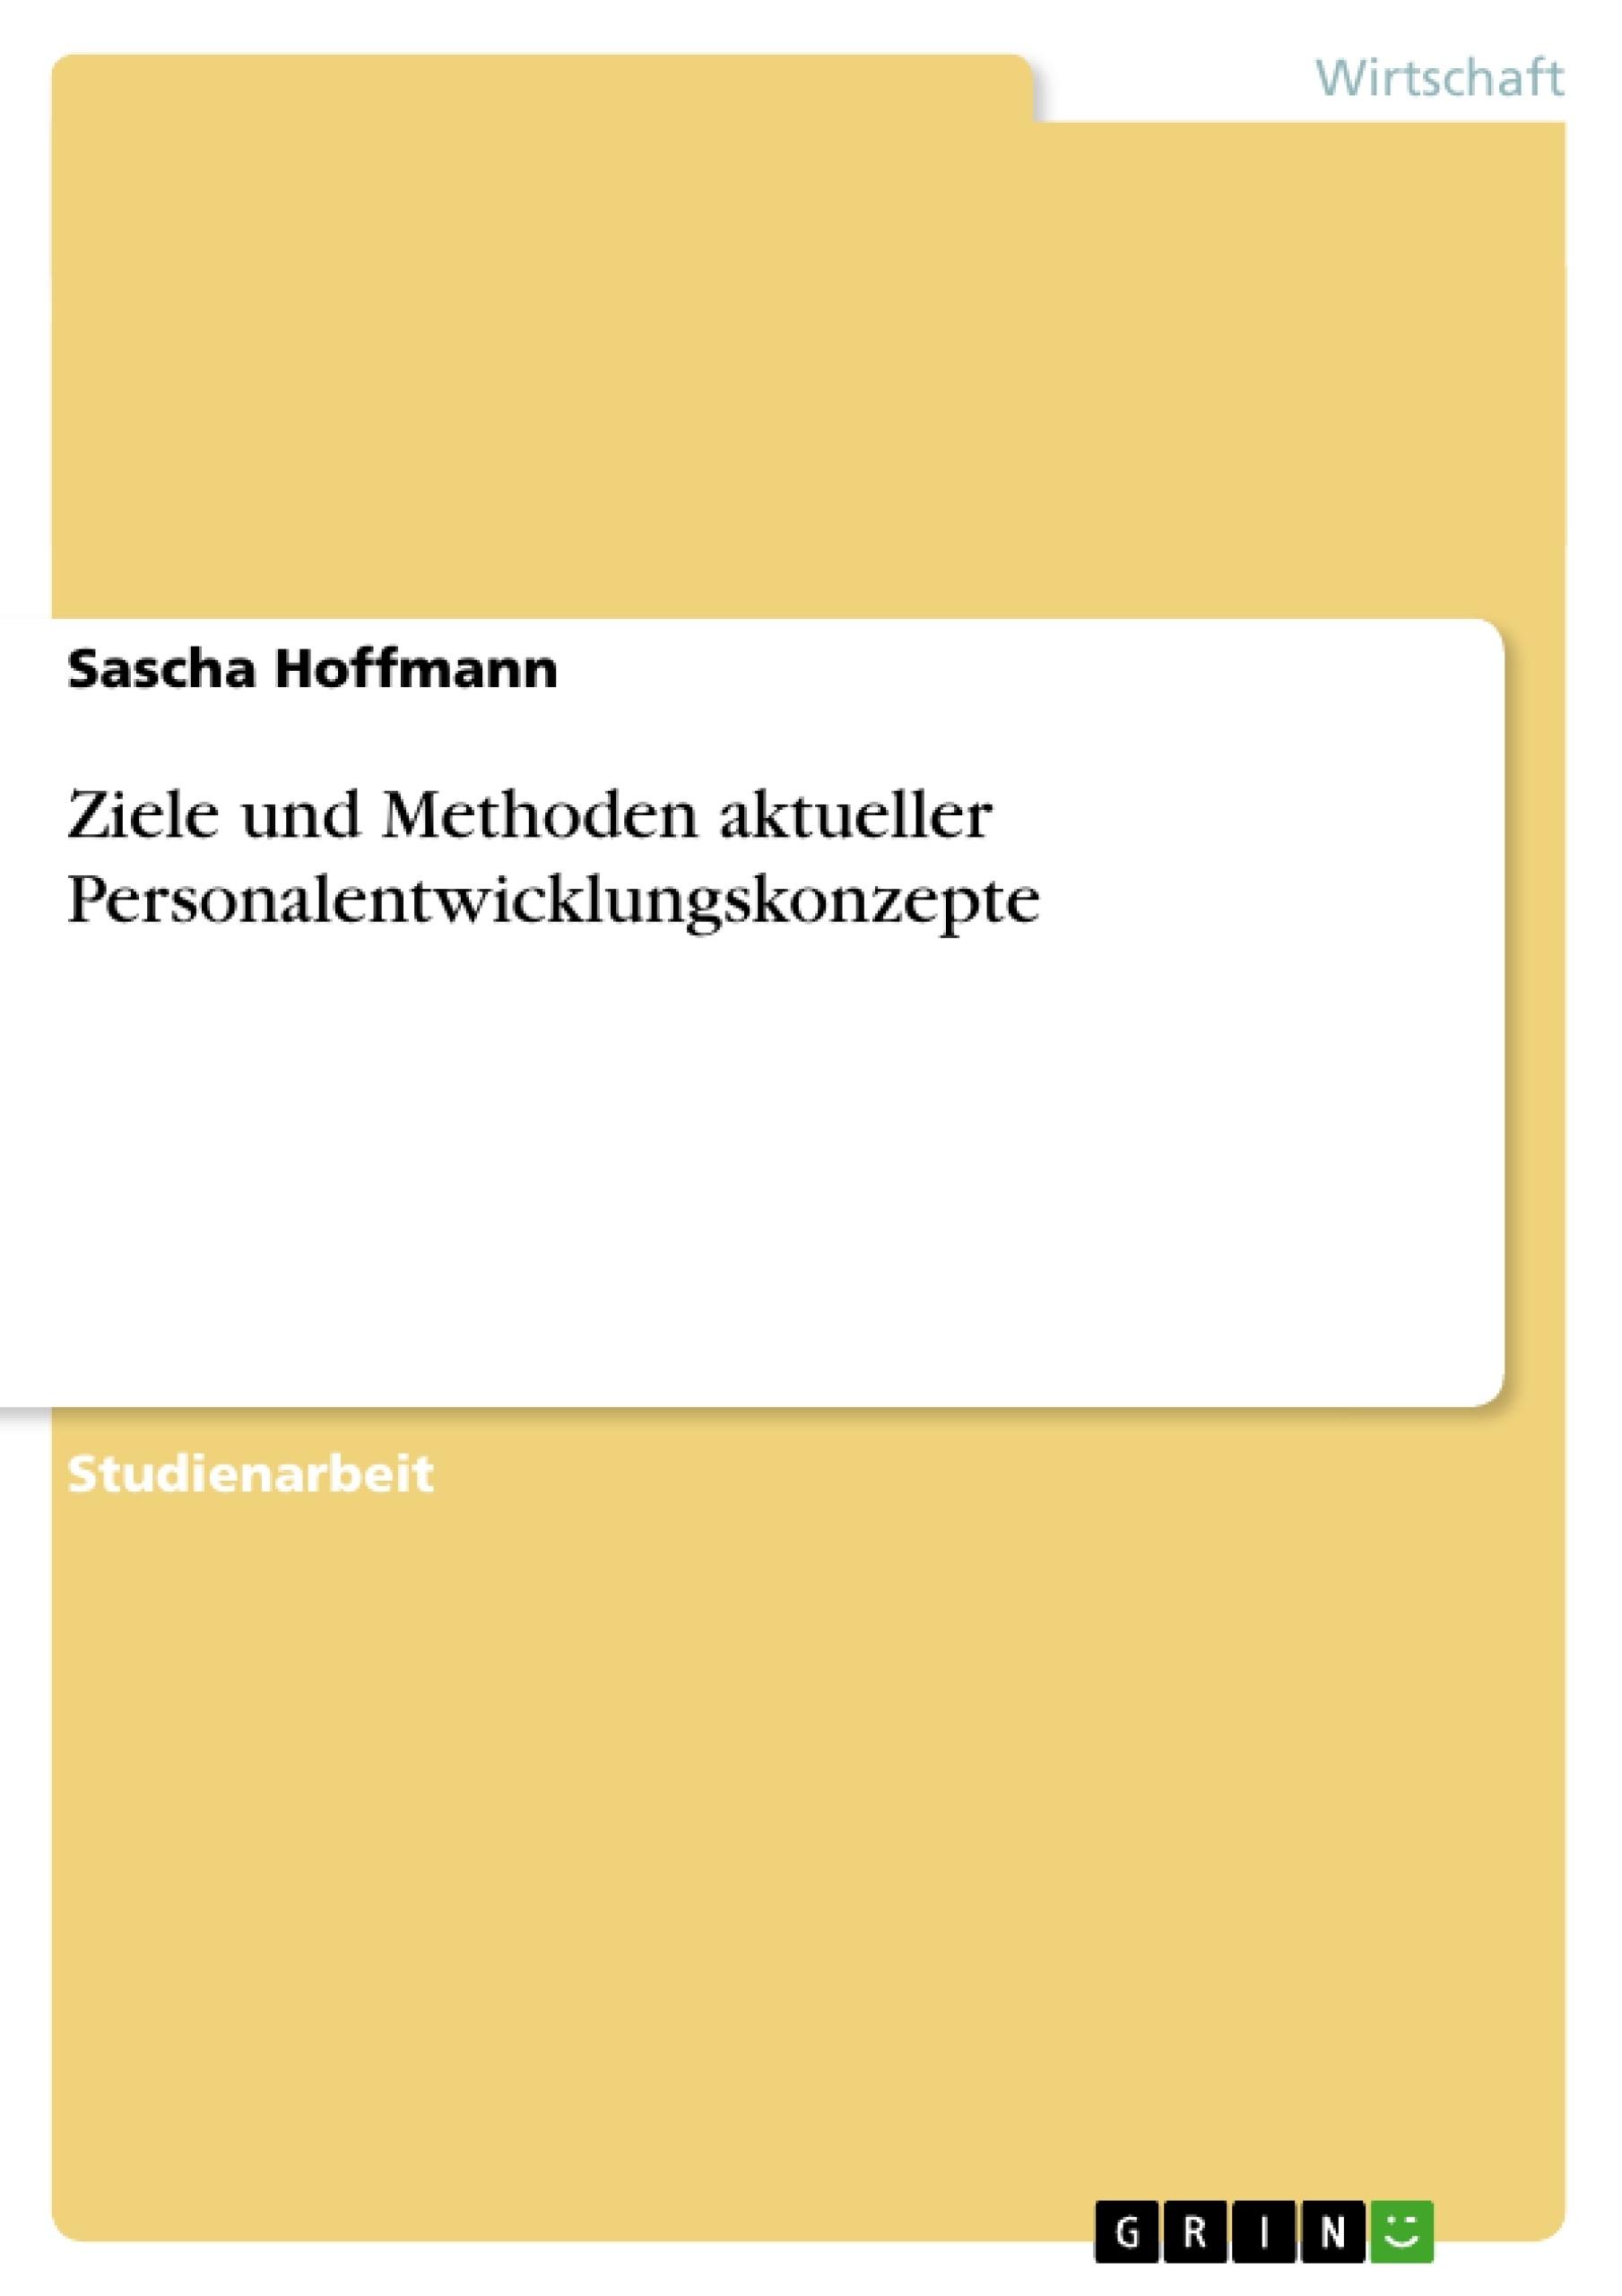 Titel: Ziele und Methoden aktueller Personalentwicklungskonzepte